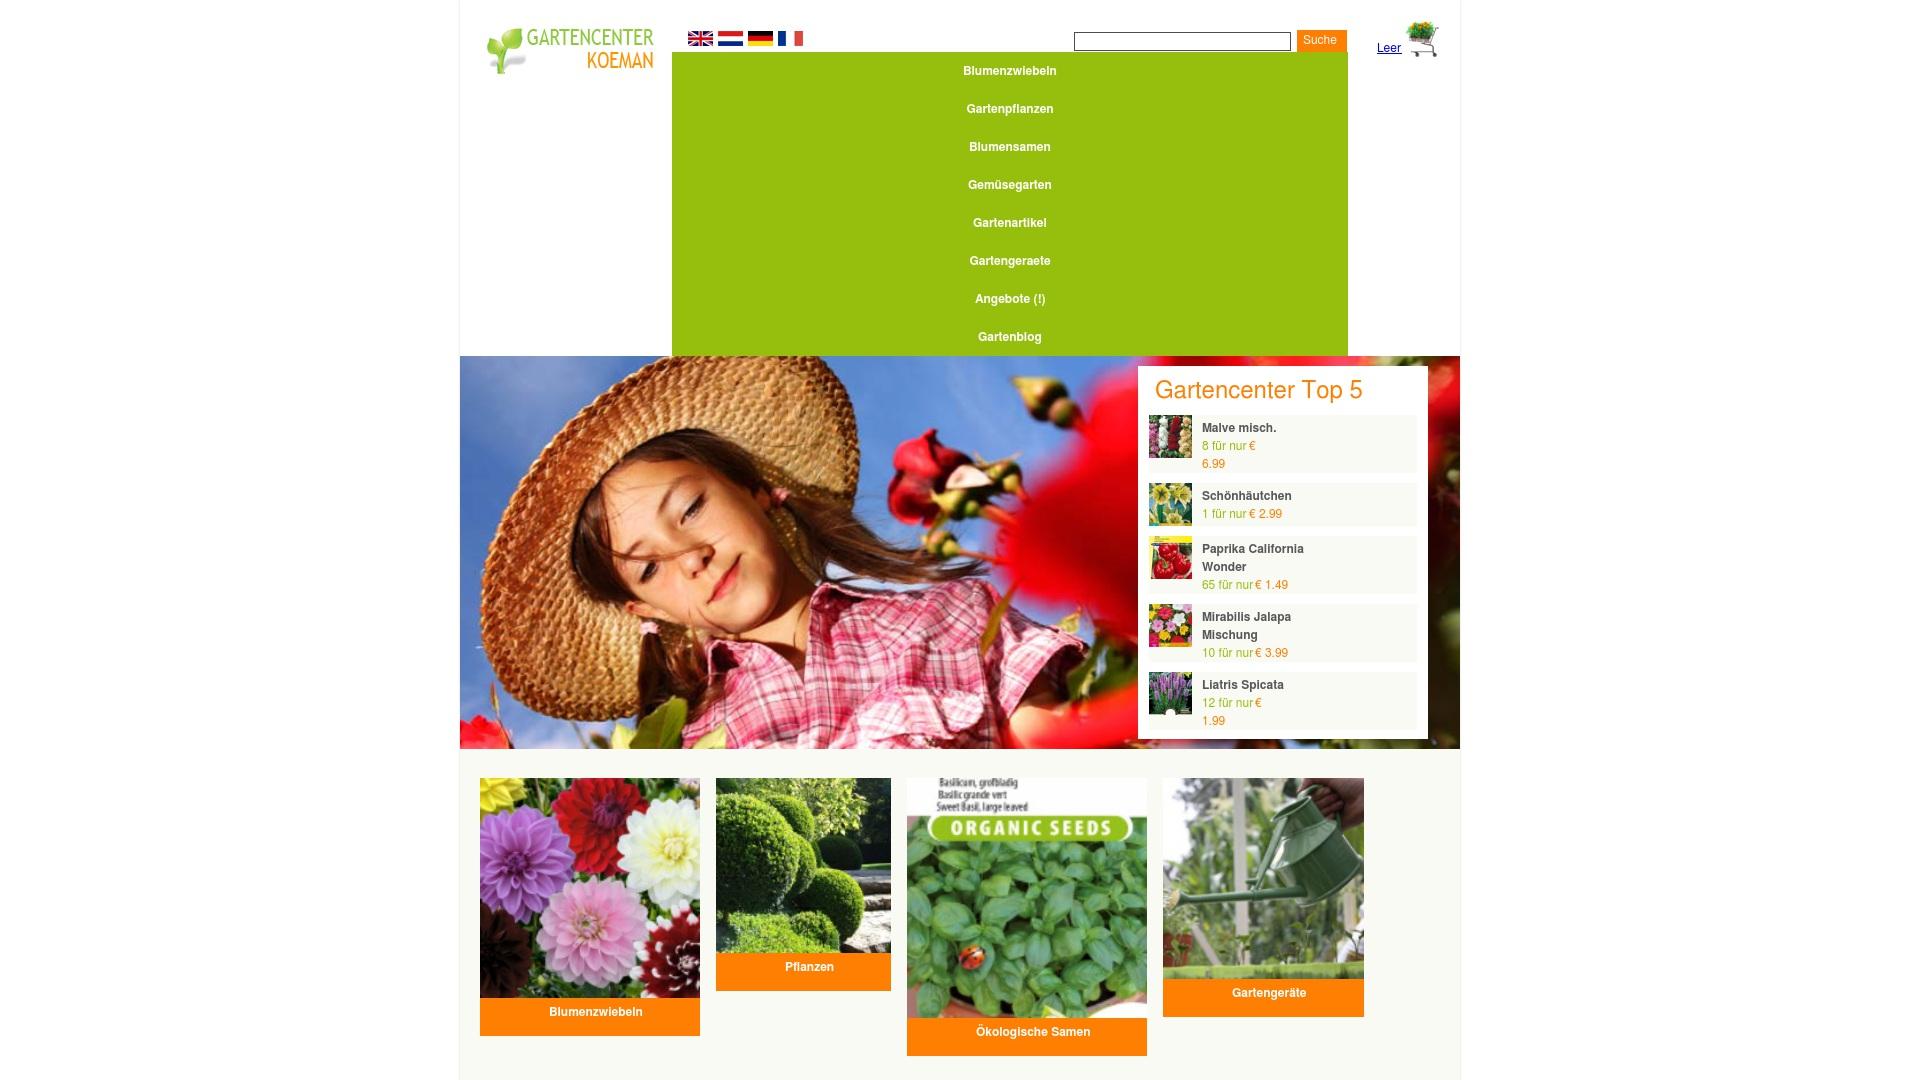 Gutschein für Gartencenterkoeman: Rabatte für  Gartencenterkoeman sichern